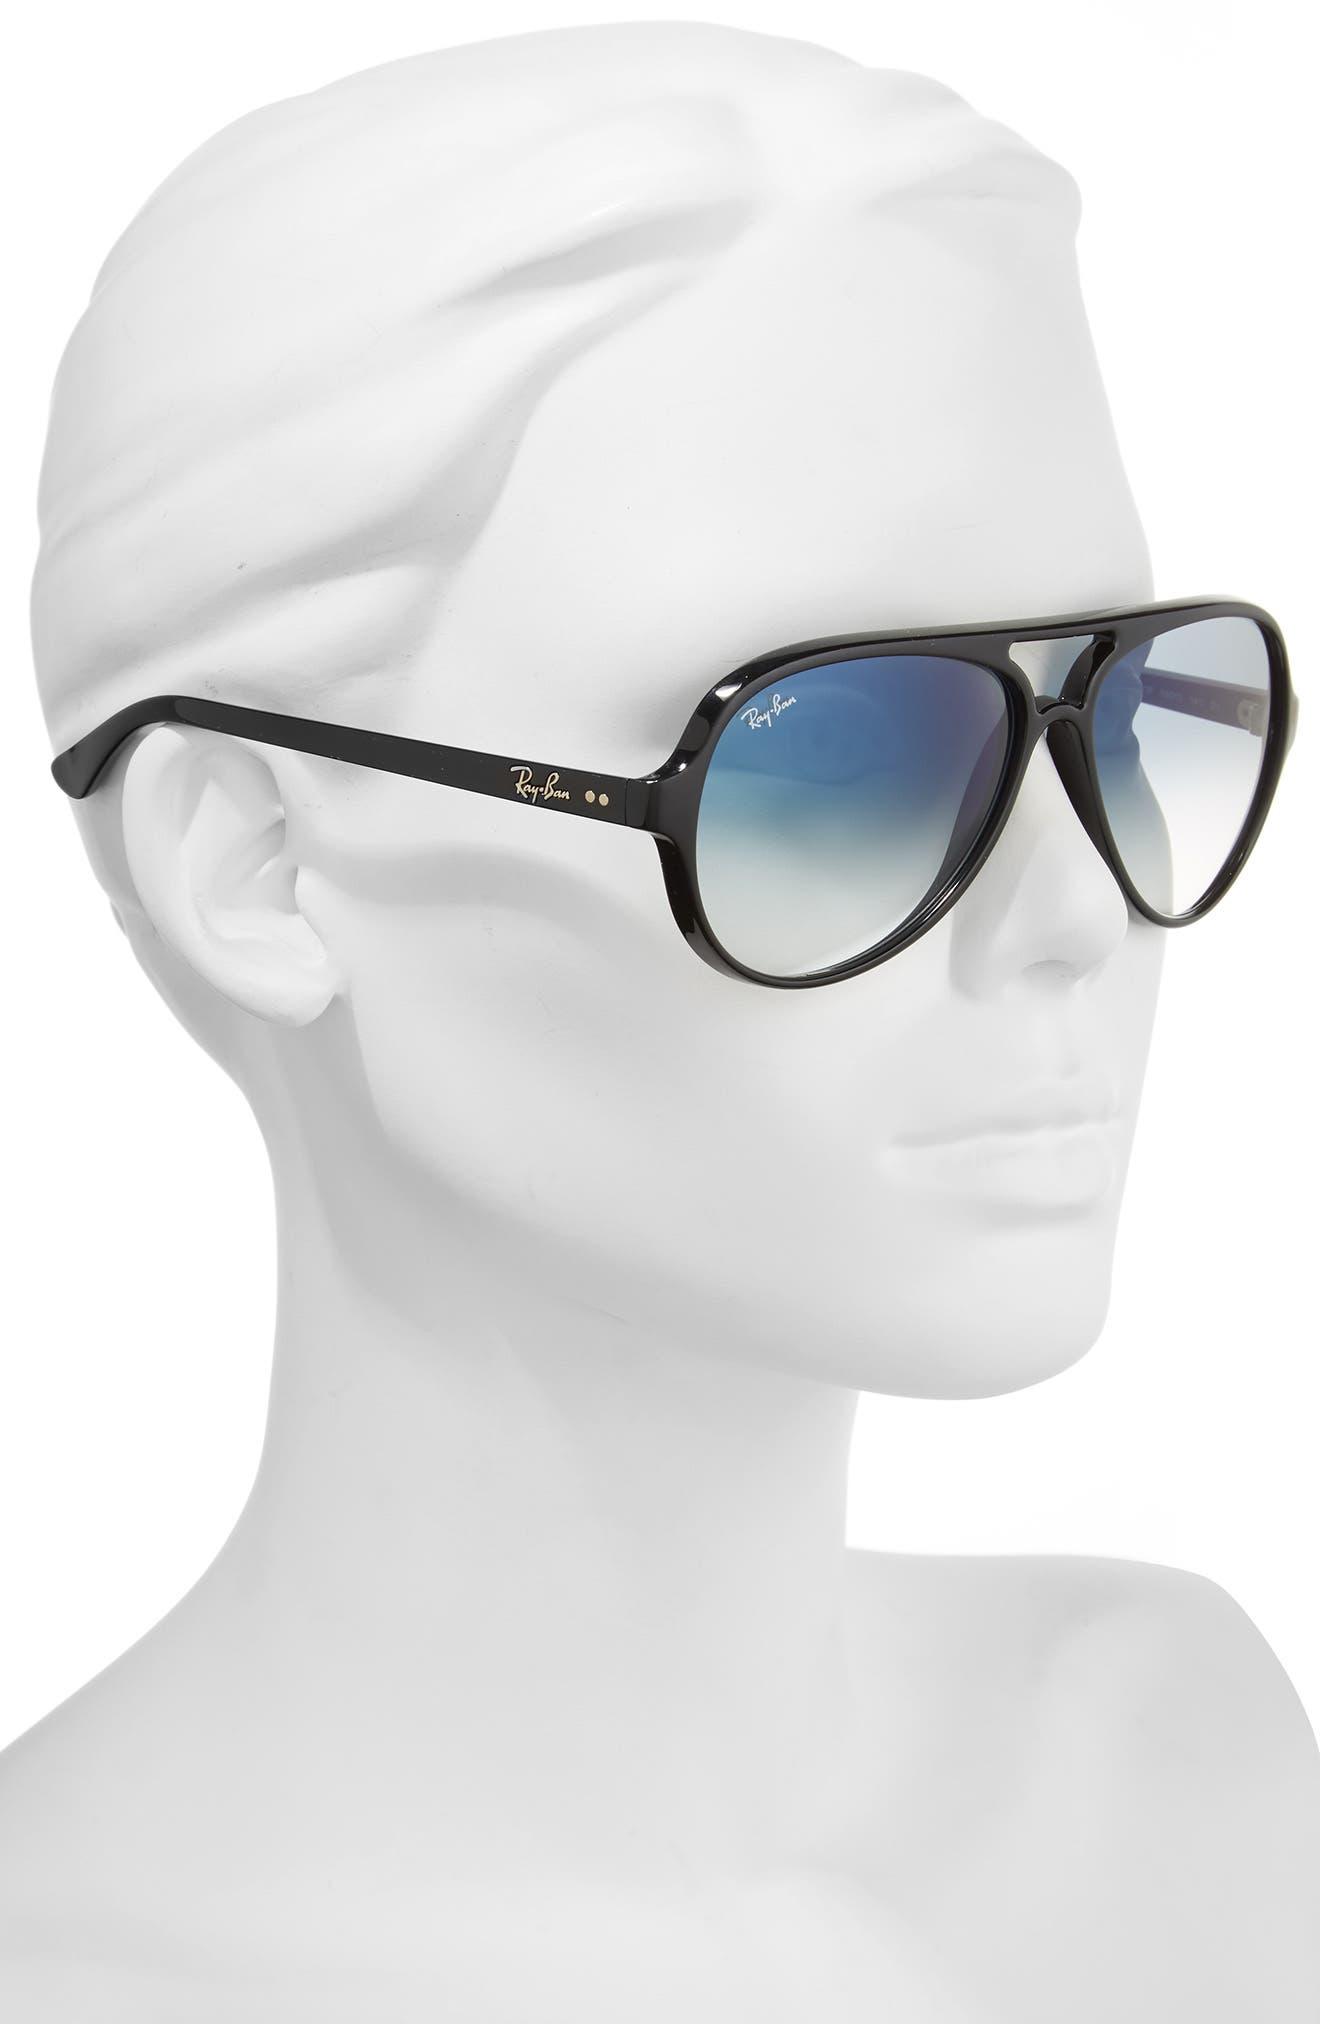 59mm Resin Aviator Sunglasses,                             Alternate thumbnail 3, color,                             003